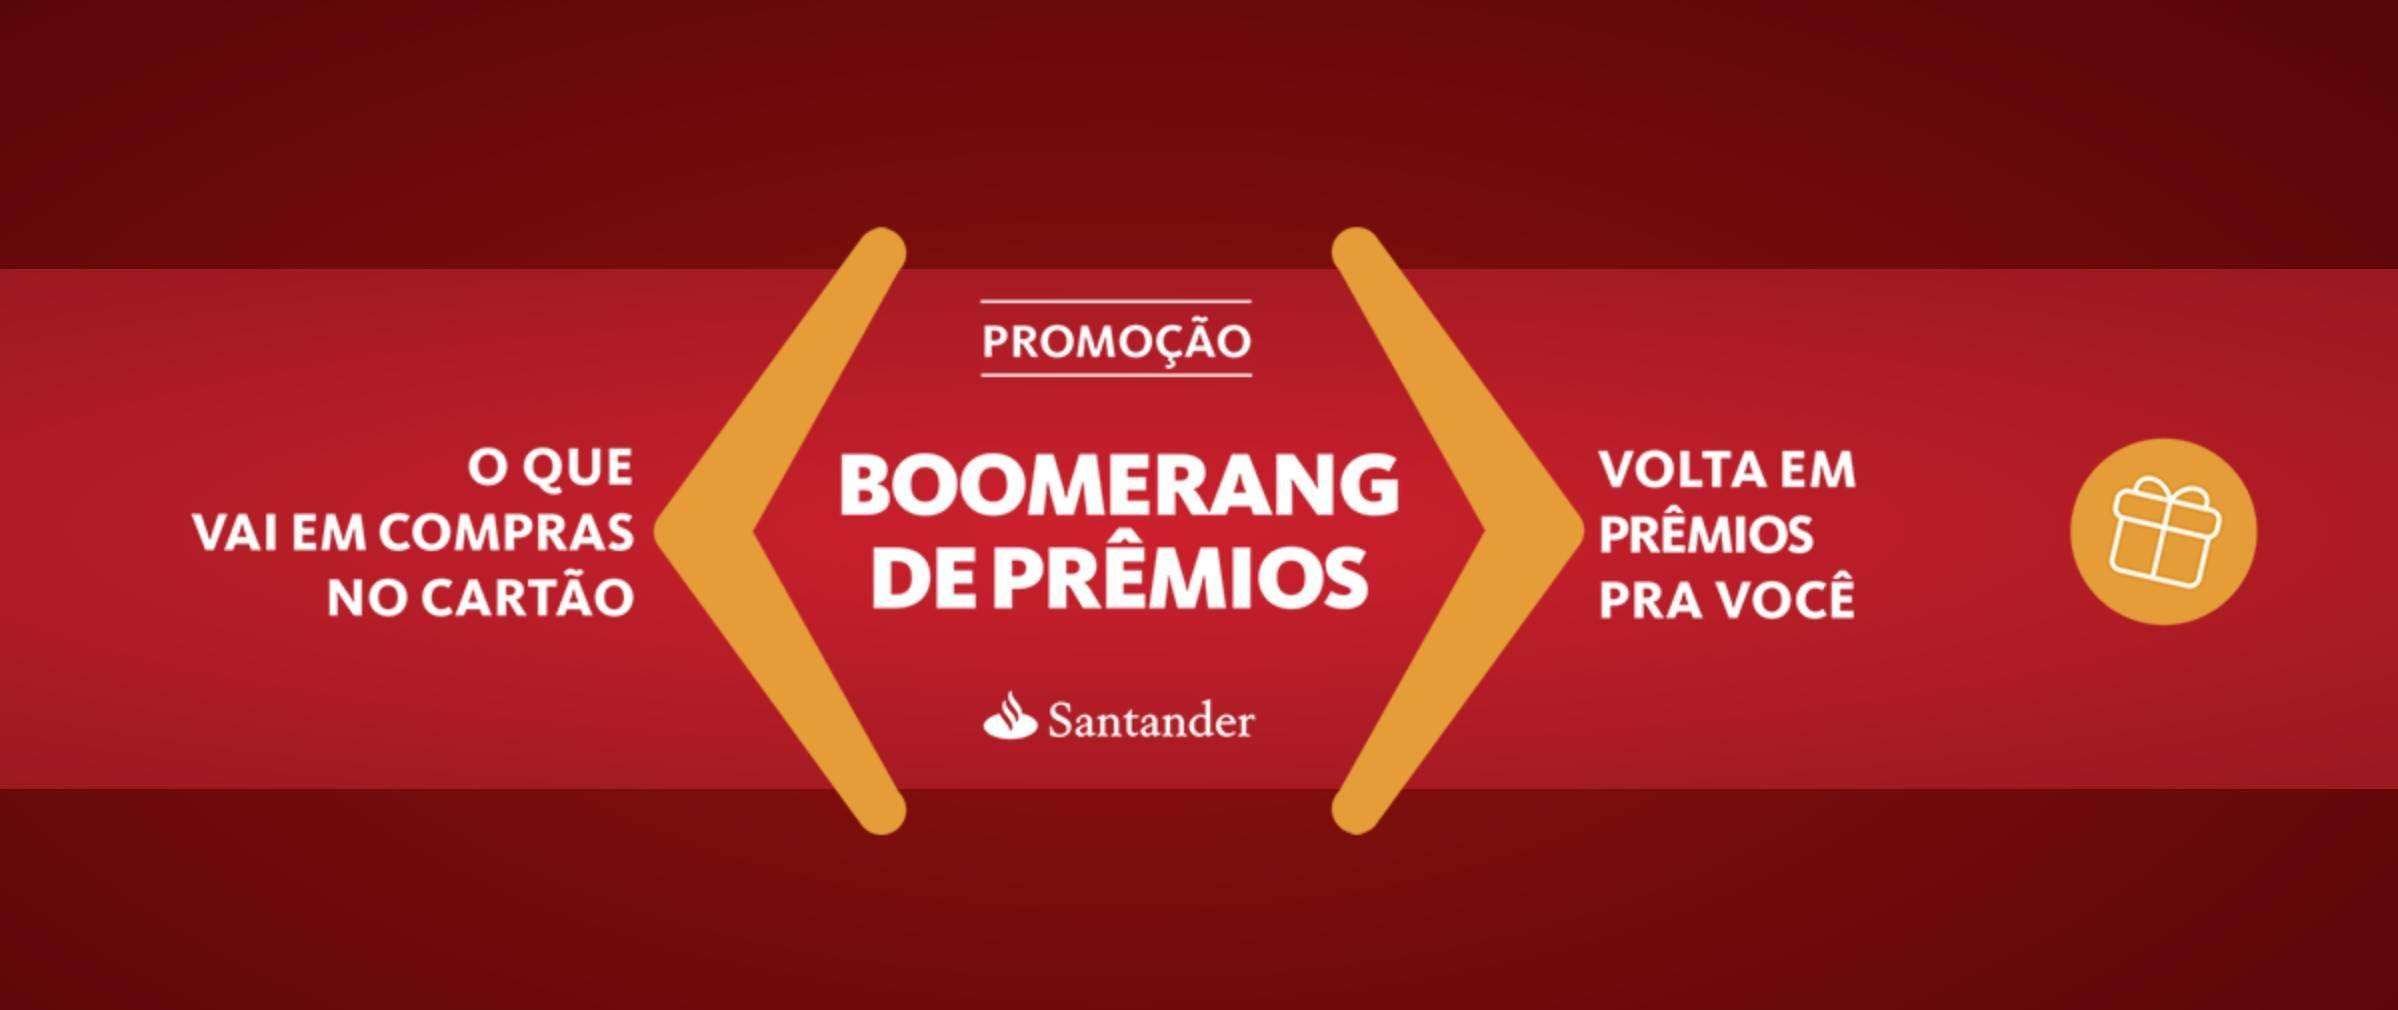 NO AR! Nova promoção do Santander vai dar até 6,6 pontos por U$ gasto durante 4 meses